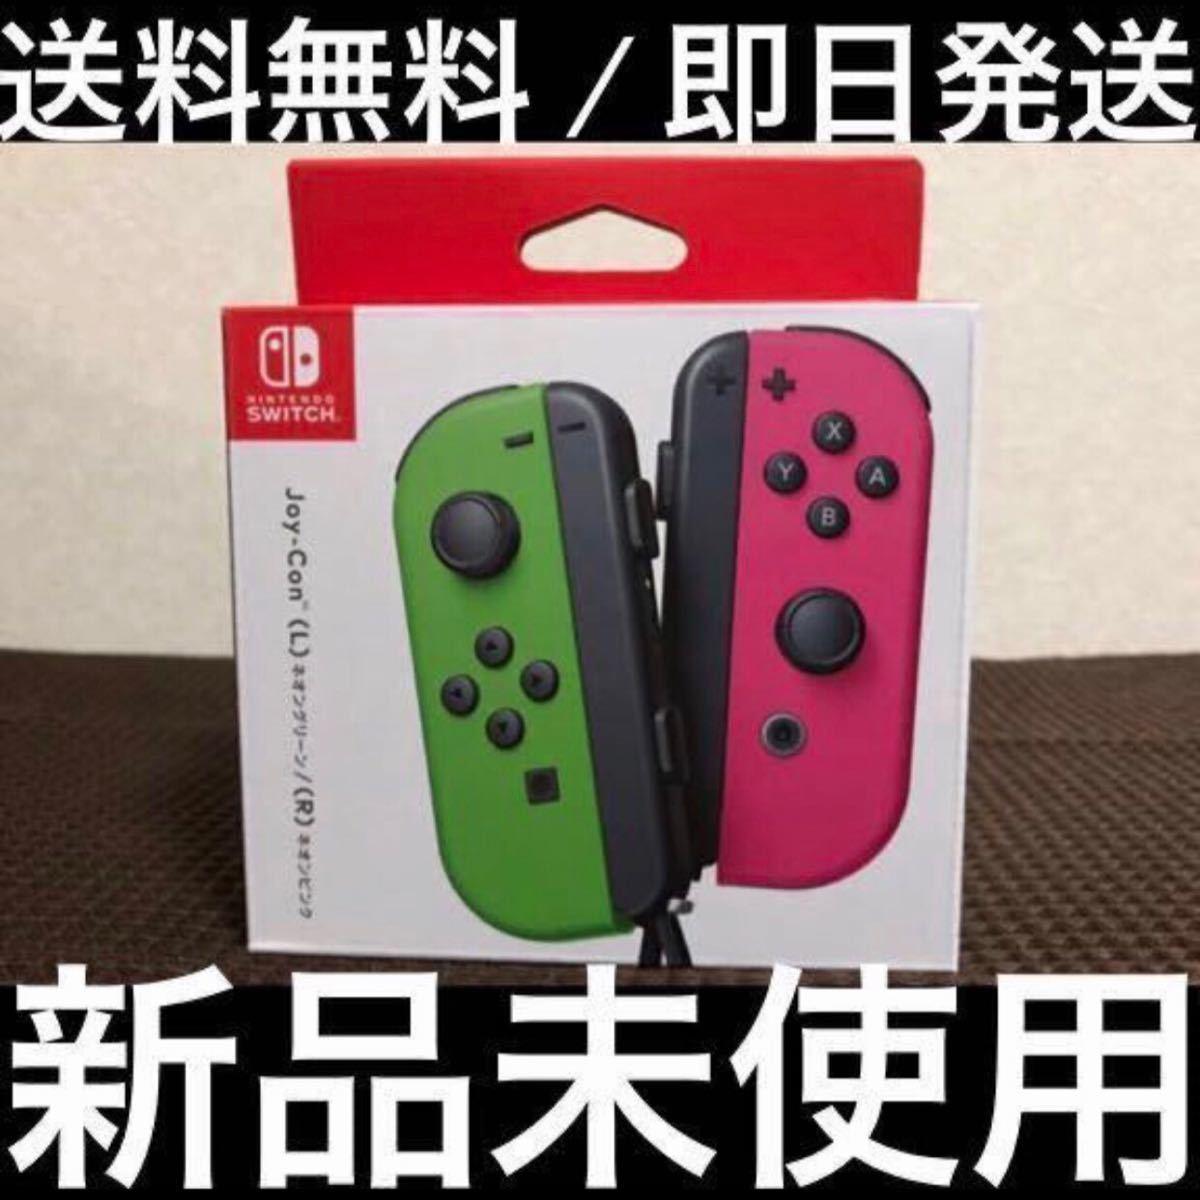 【新品未使用/即日発送】 Nintendo Switch Joy-Con ジョイコン ネオングリーン(L)/ネオンピンク(R)